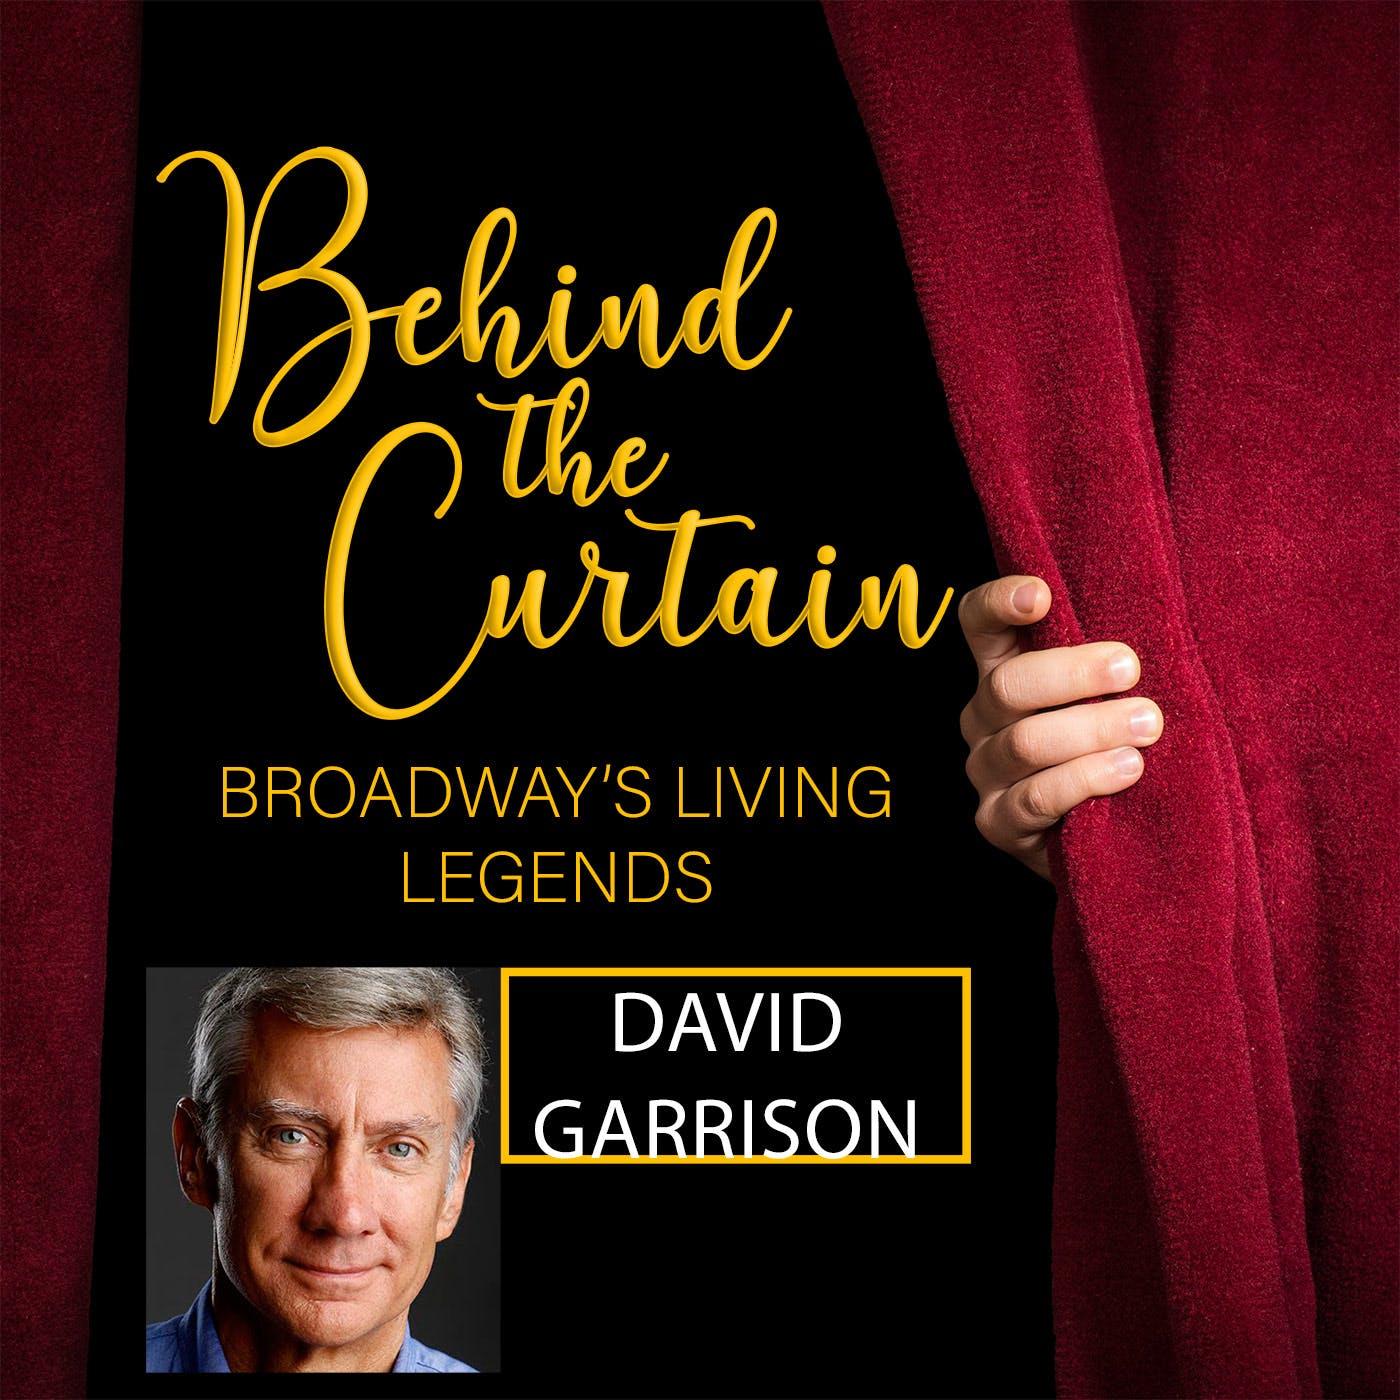 #259 DAVID GARRISON, Actor